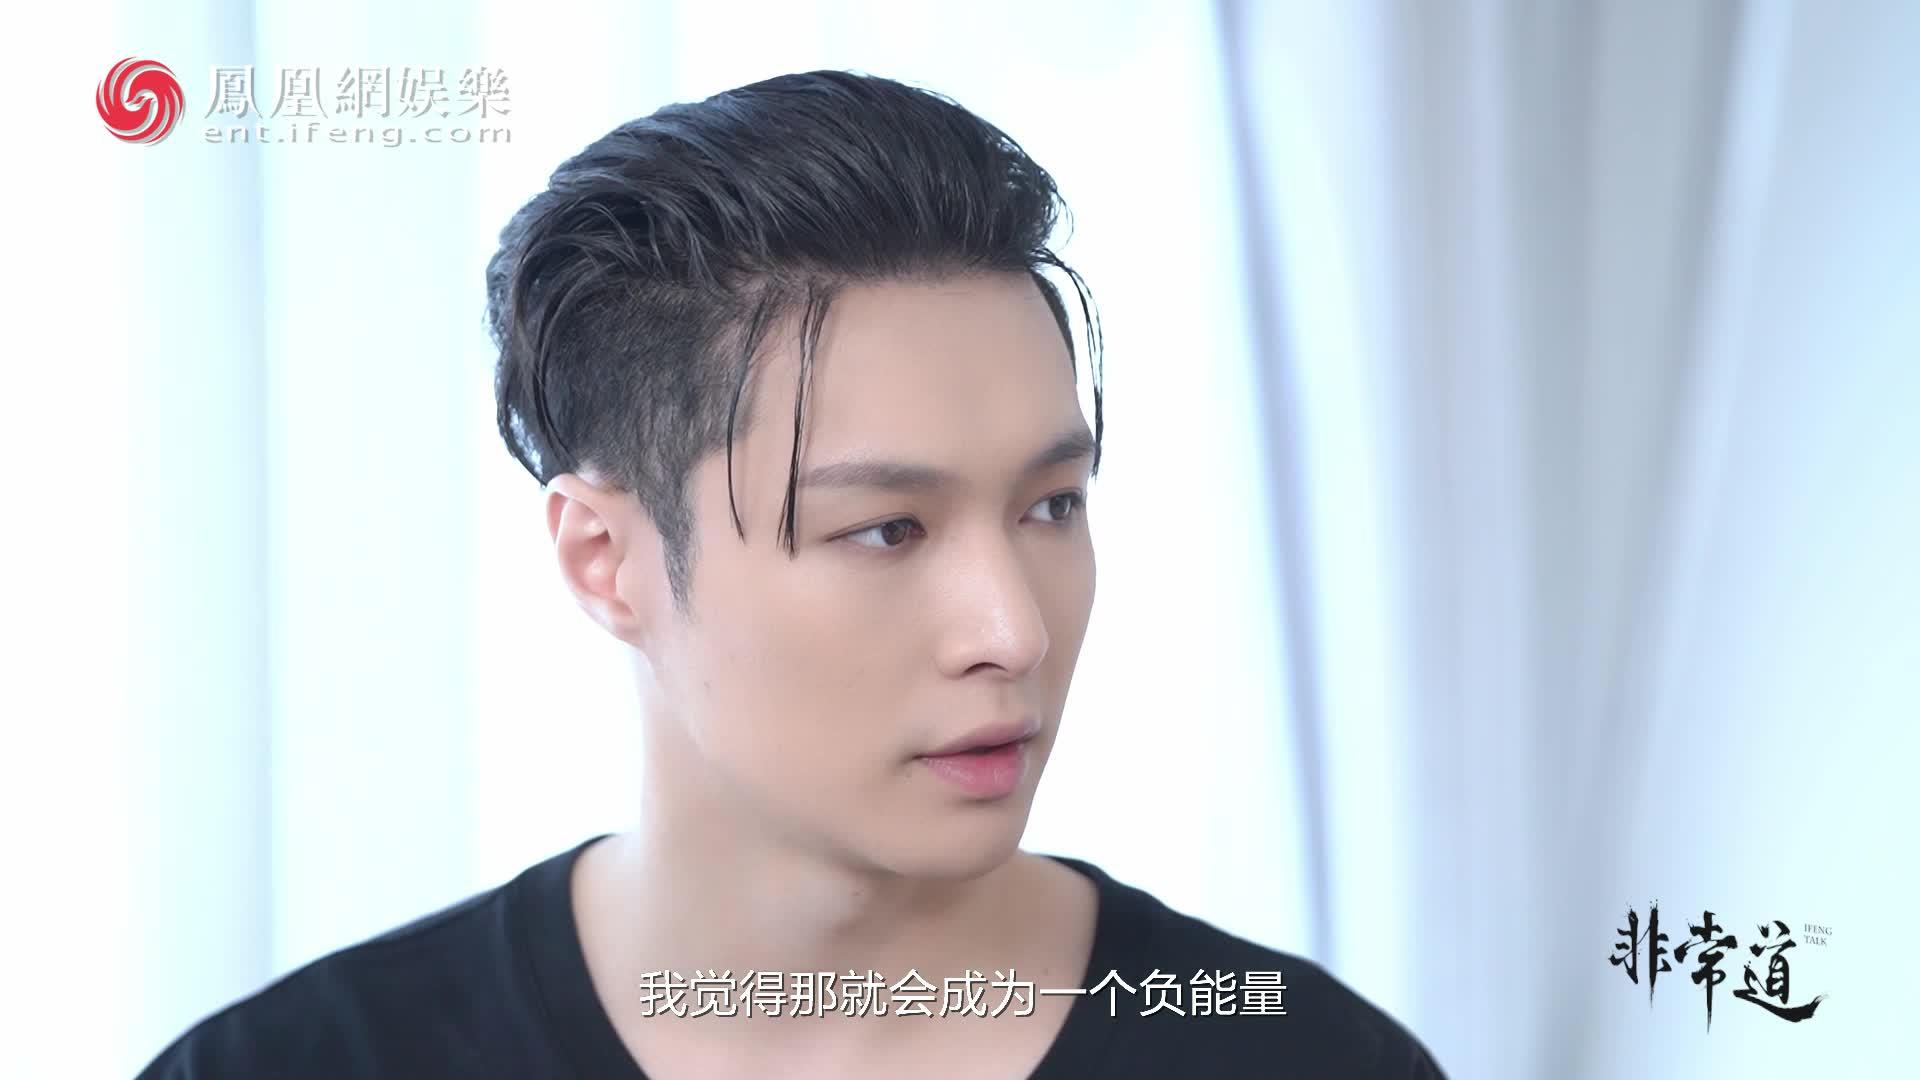 张艺兴:你可以嘲笑我,但不要嘲笑努力 | 非常道